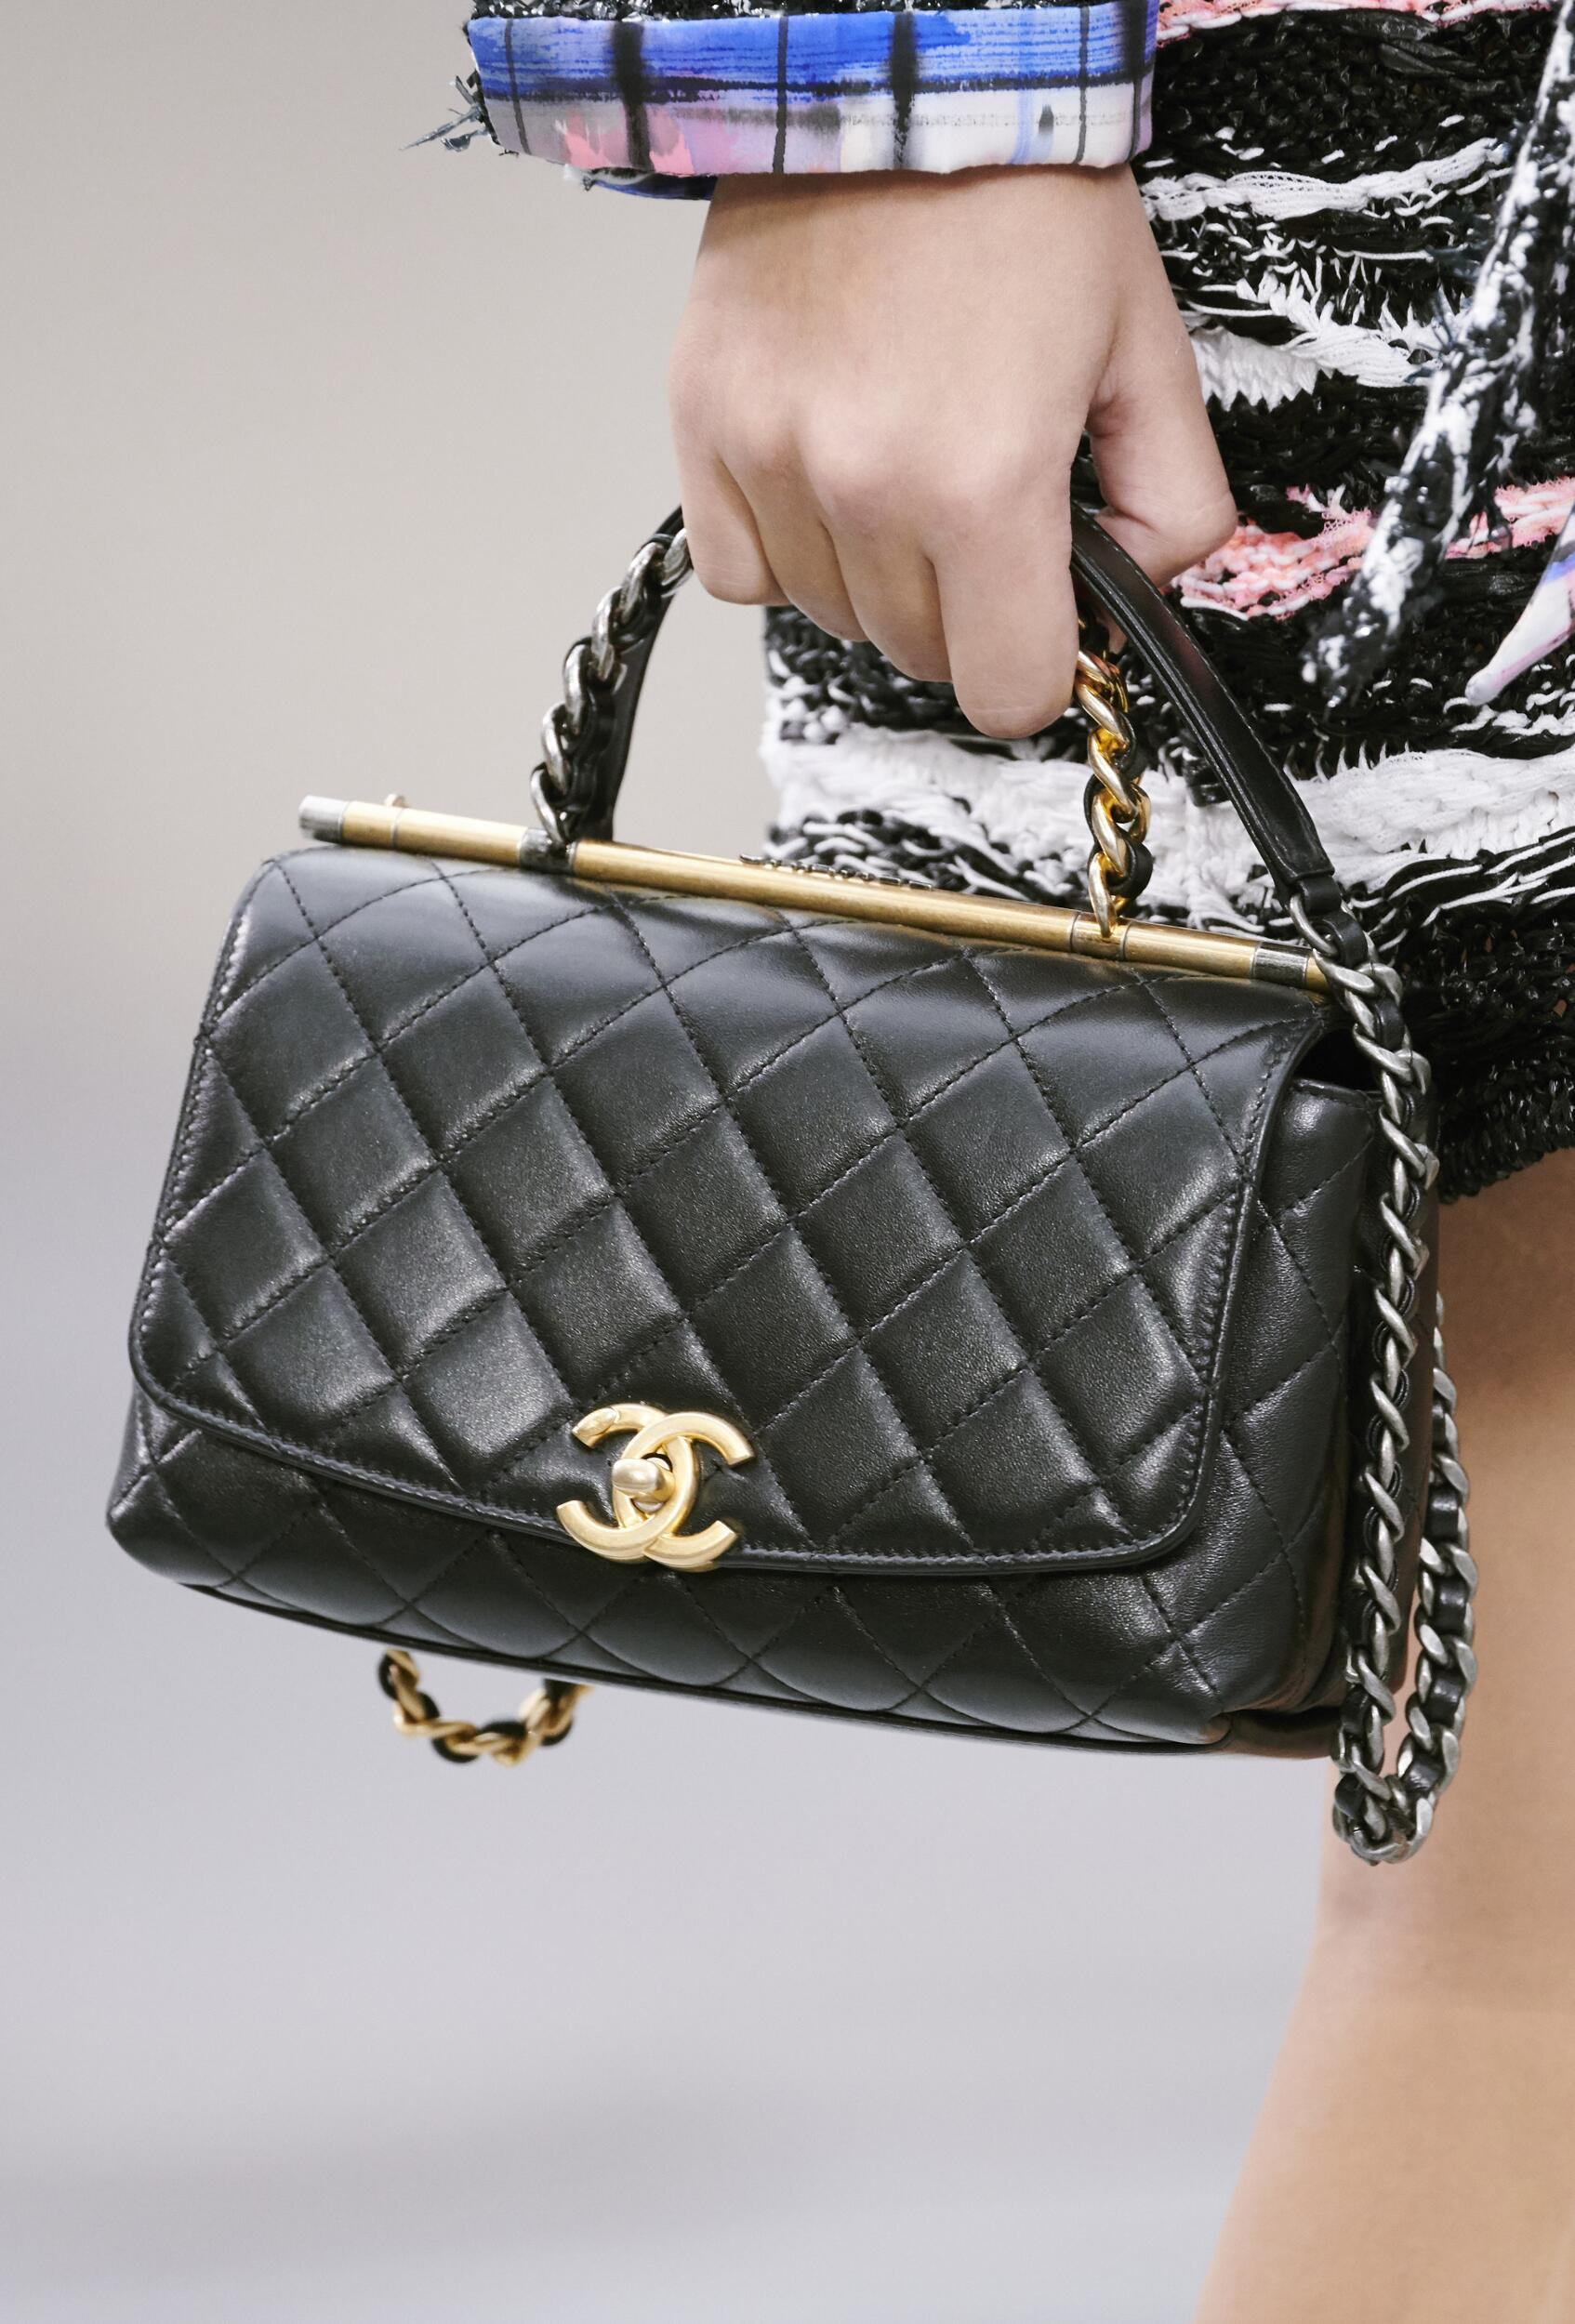 2020 Chanel SS Bag